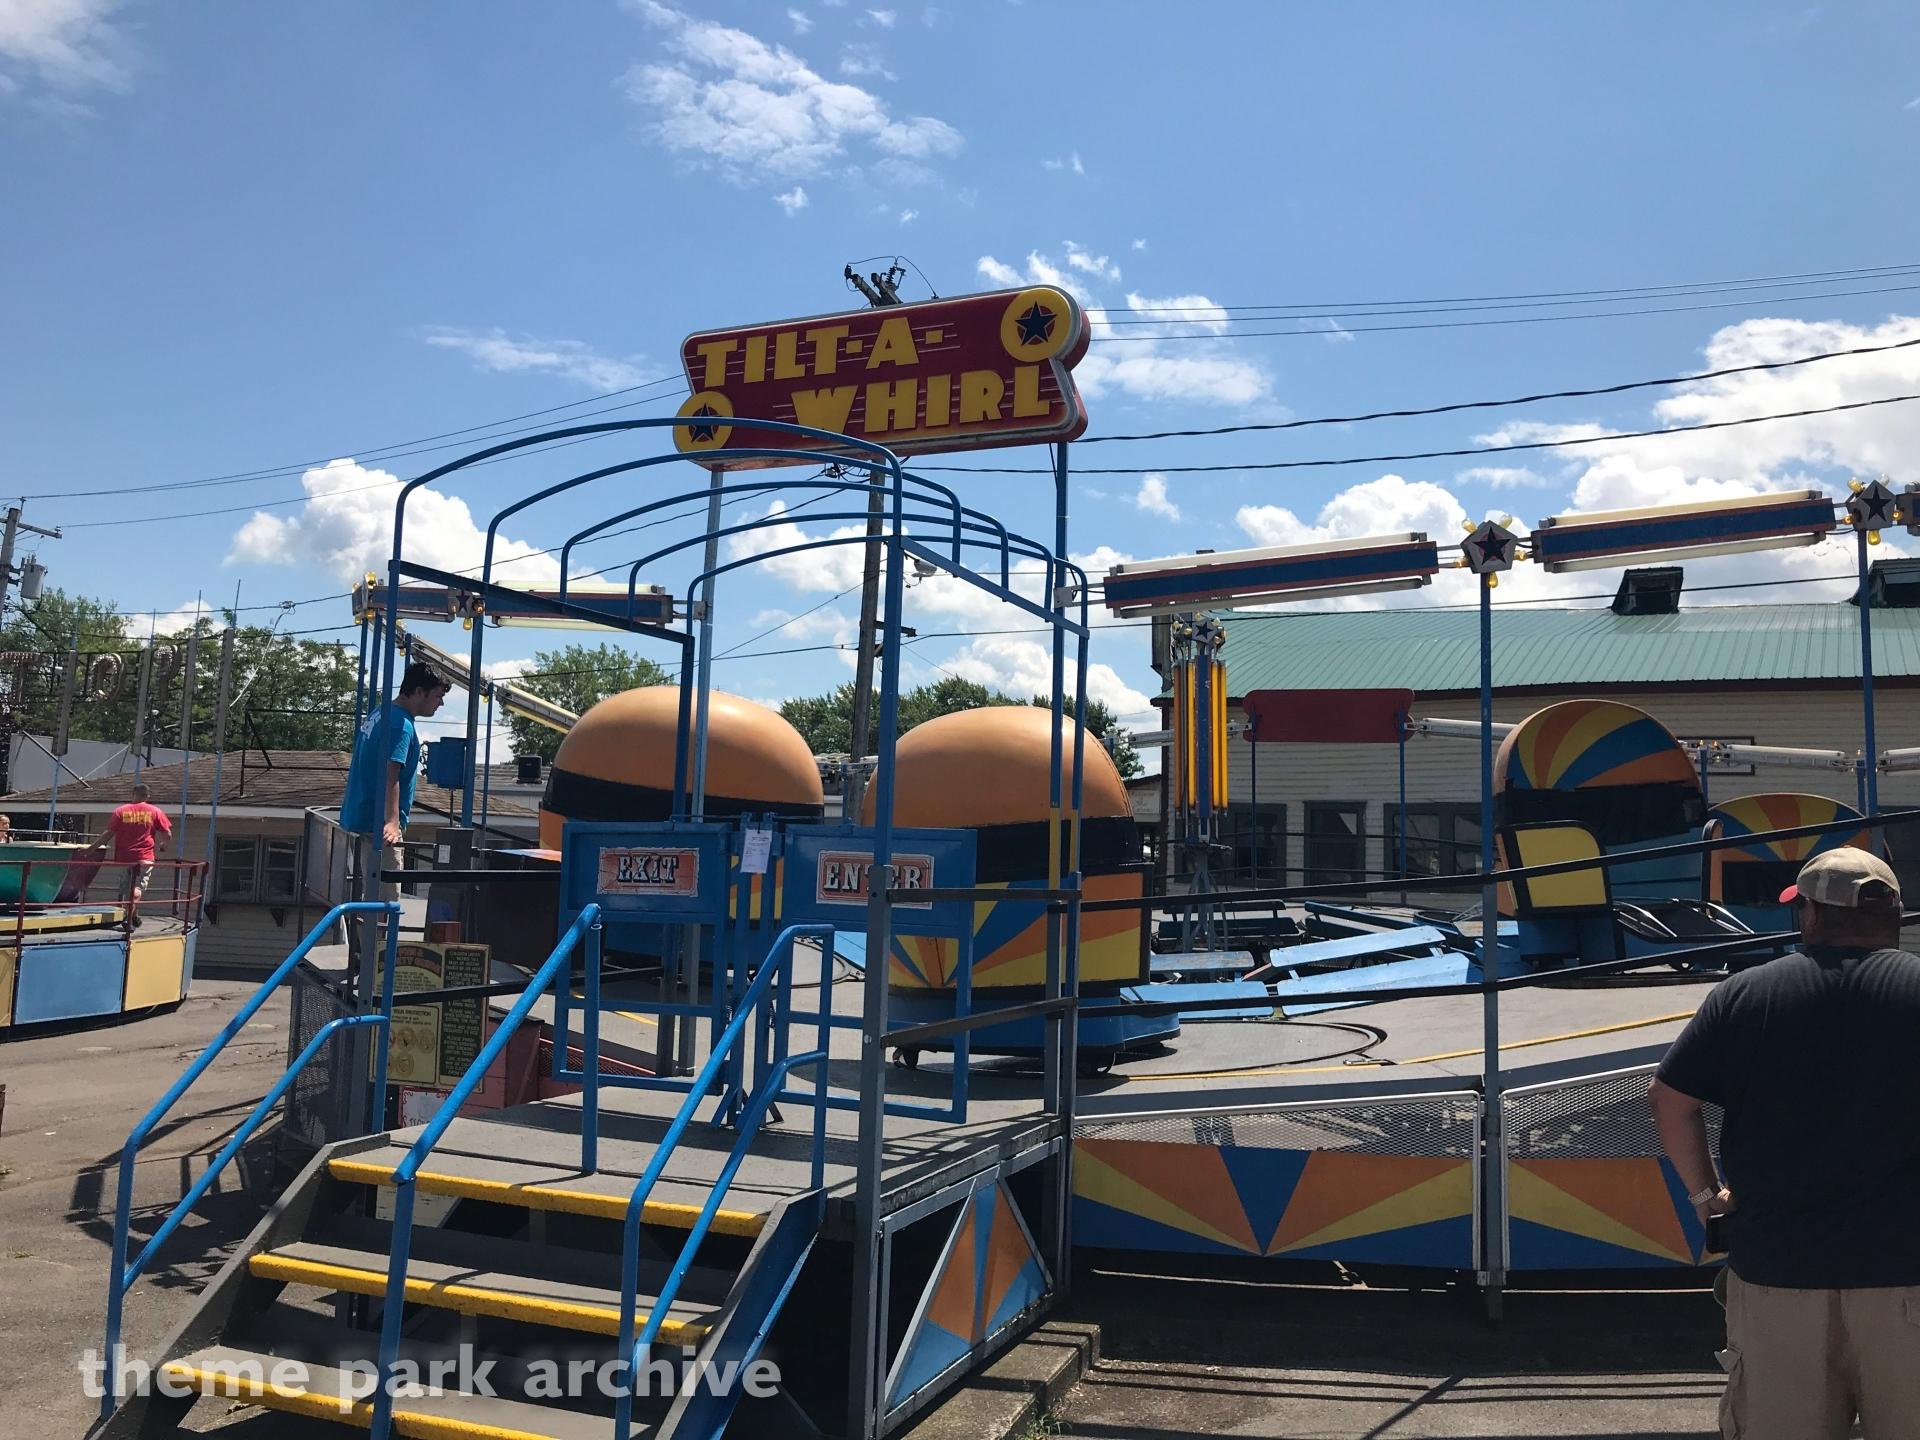 tilt a whirl sylvan beach amusement park